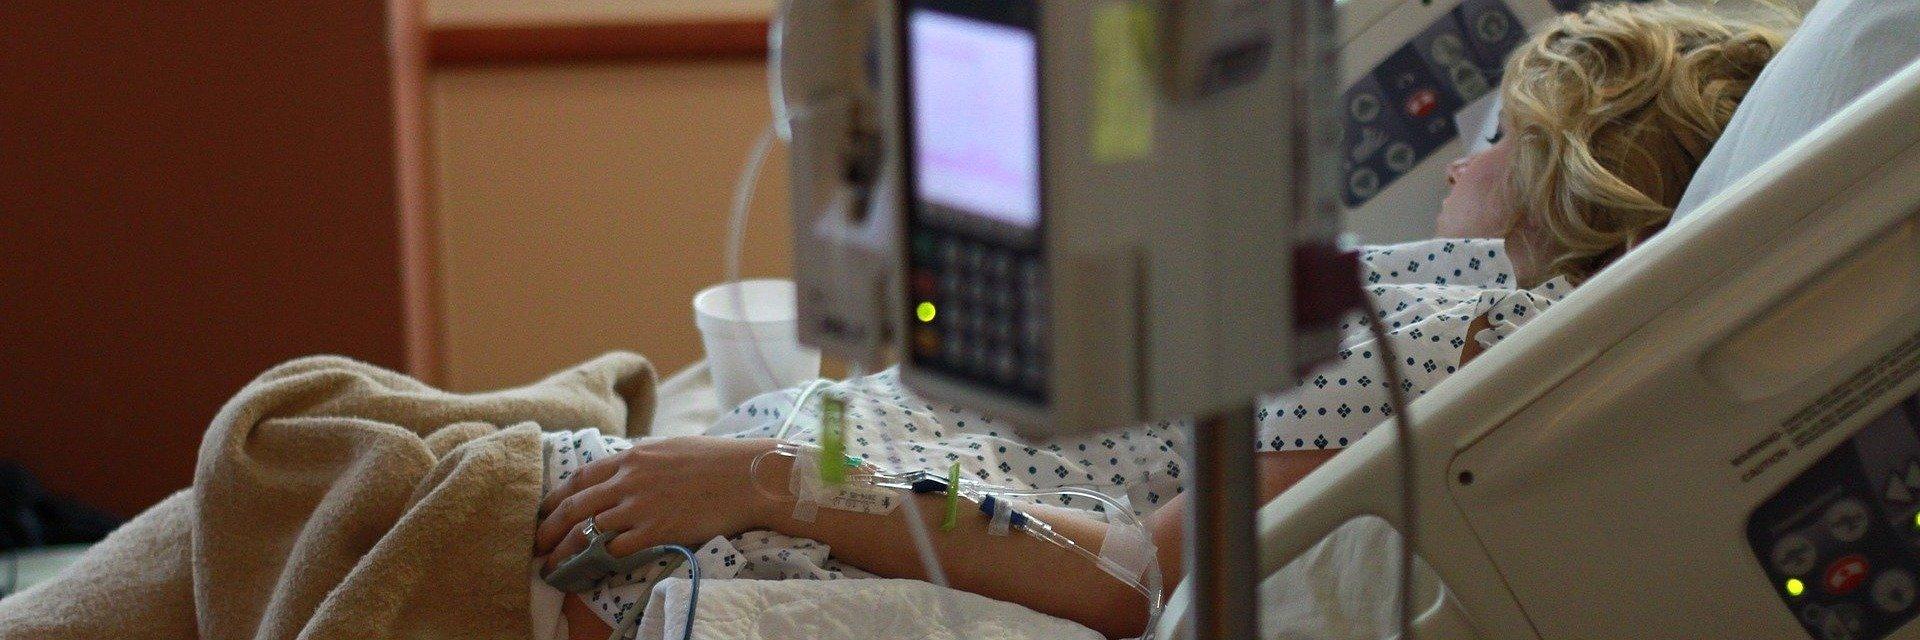 Xerox wspiera szpitale w walce z koronawirusem